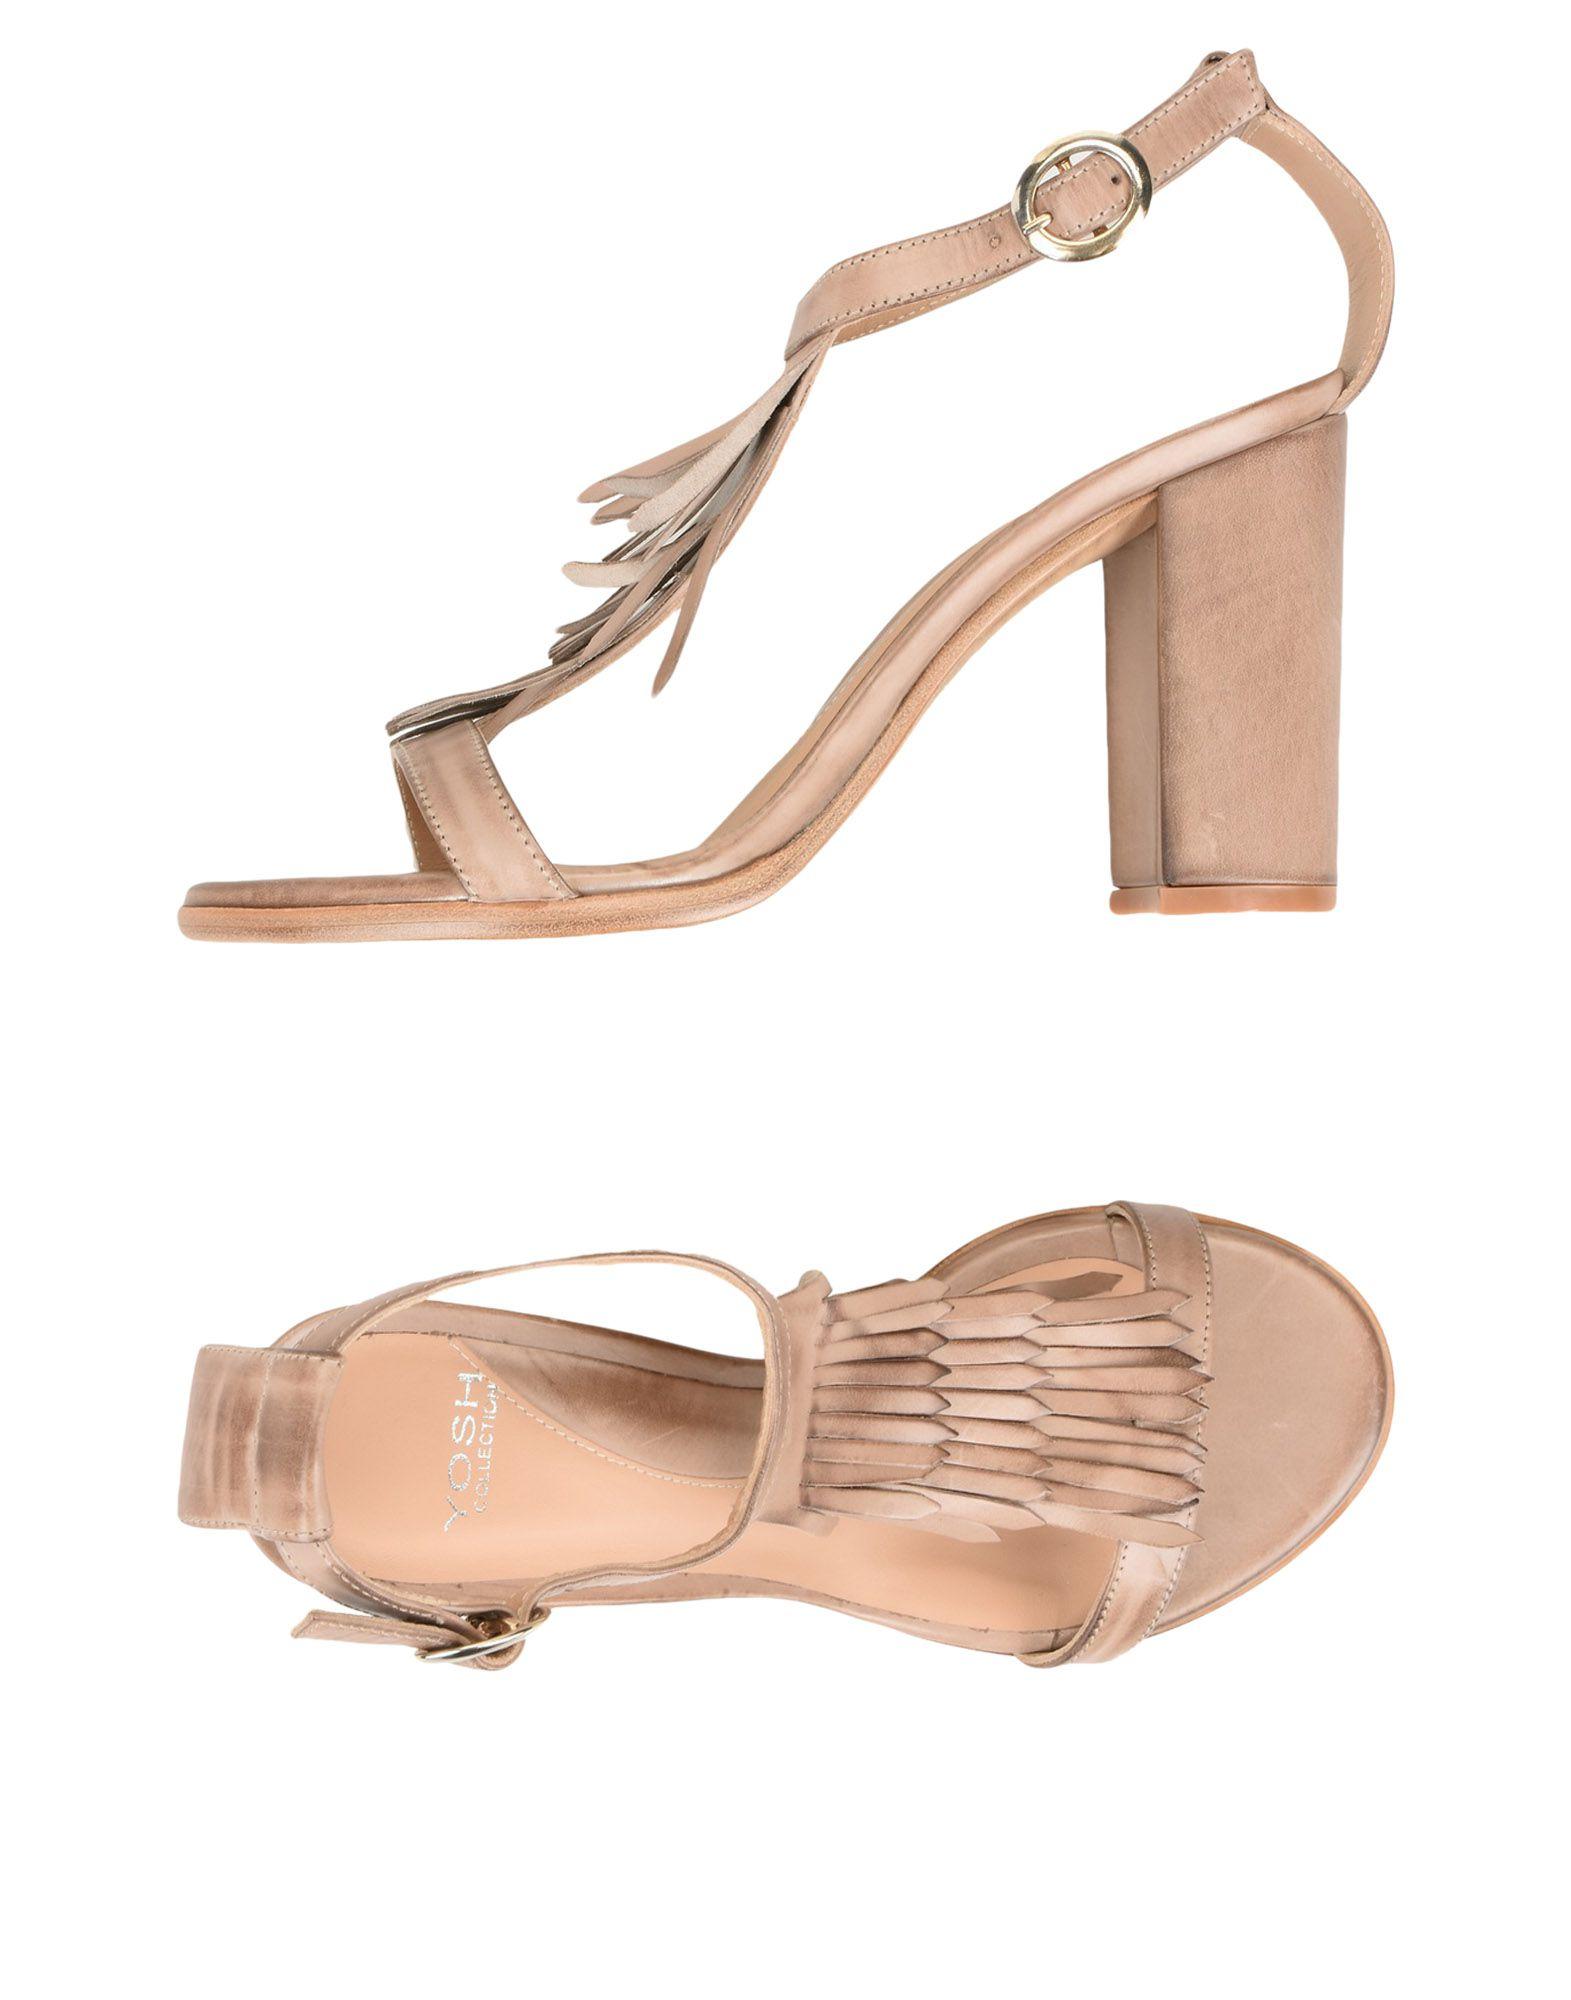 Sandales Yosh Collection Femme - Sandales Yosh Collection sur